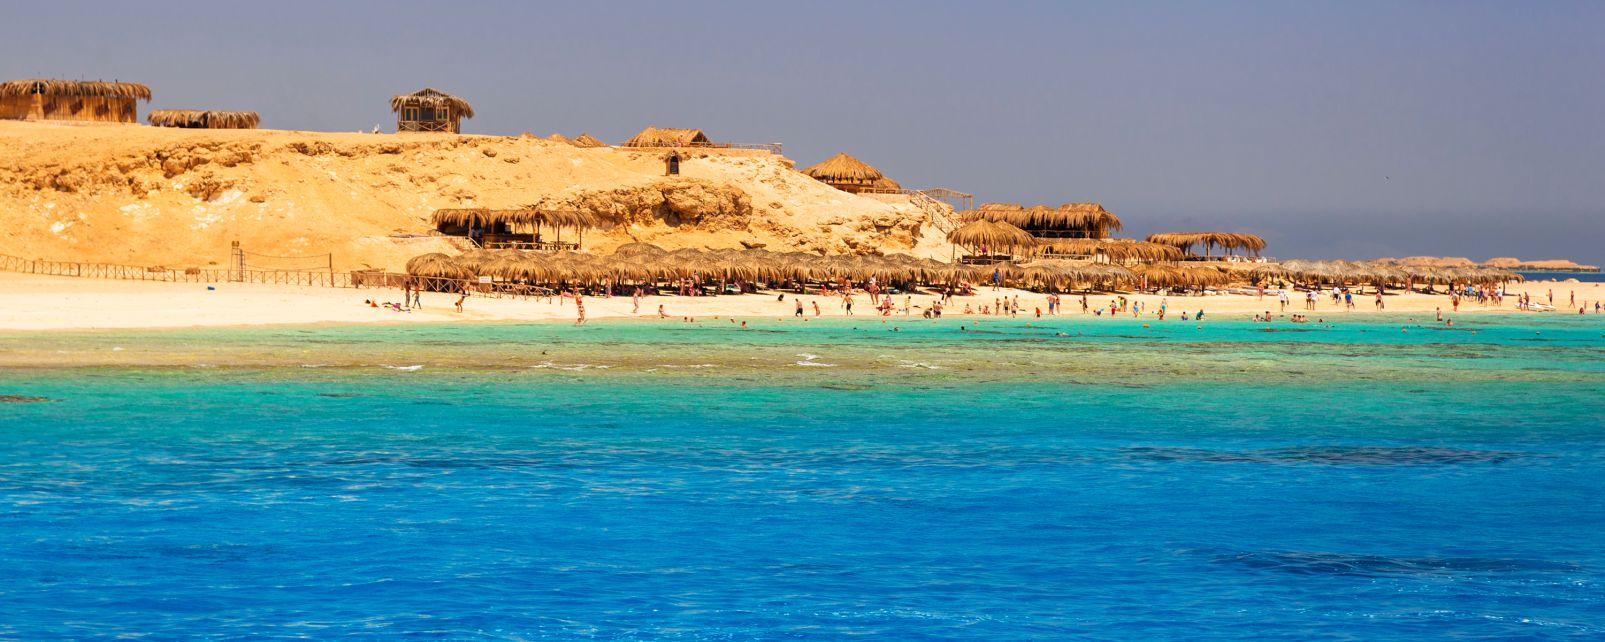 Afrique; Egypte; Hurghada;